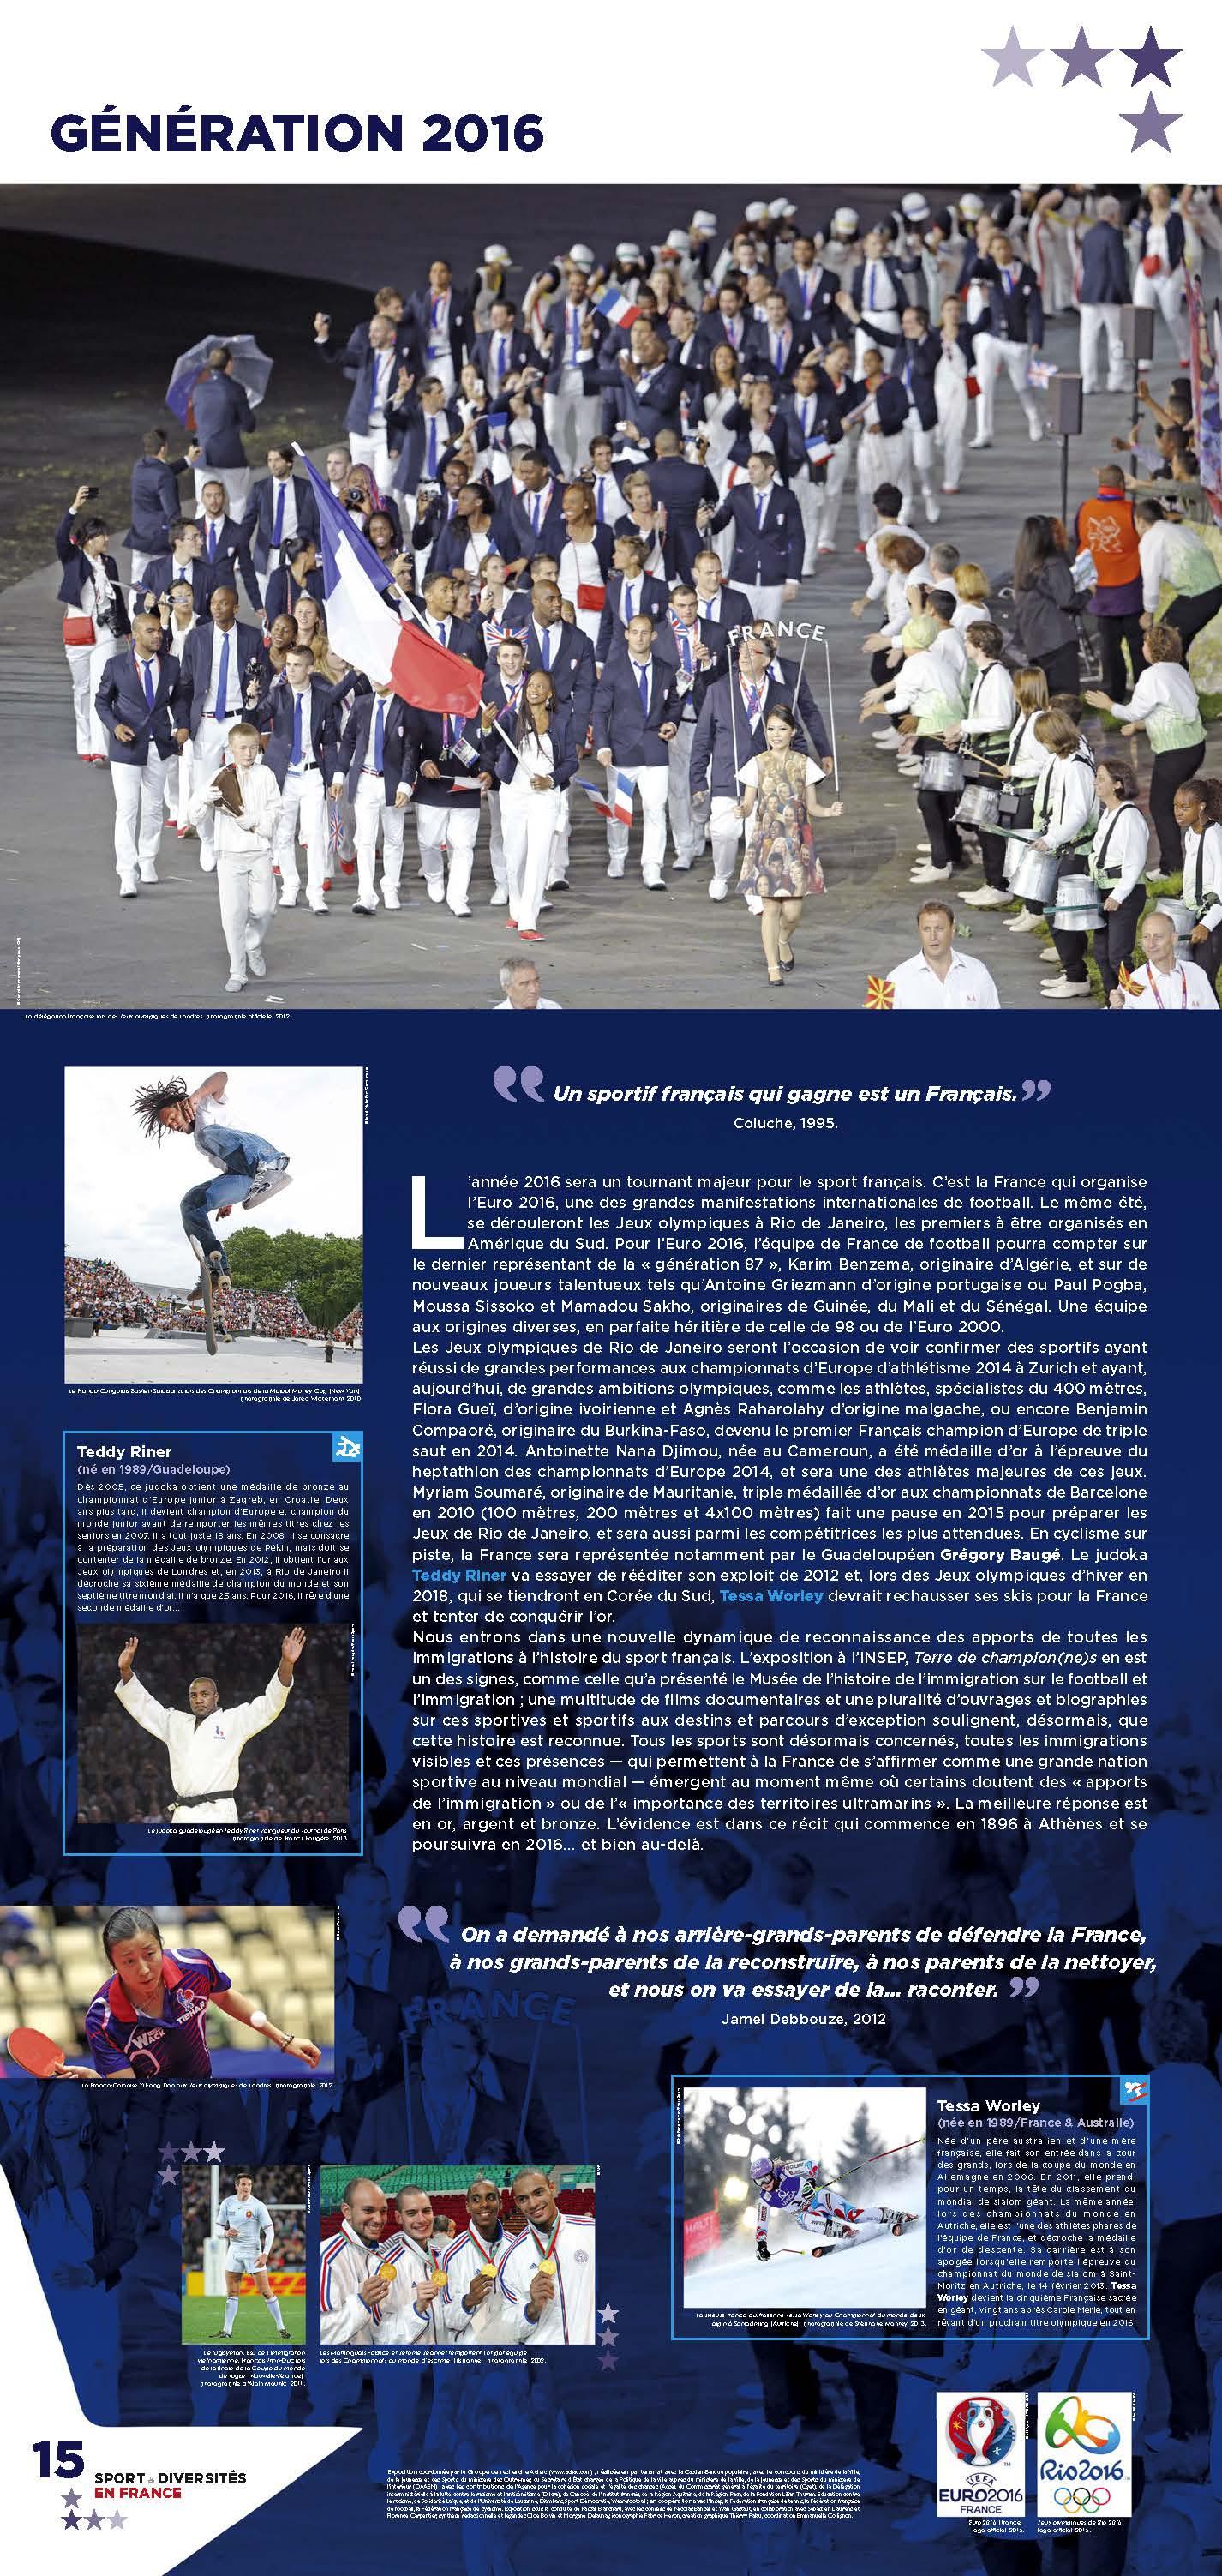 Sports et diversites_Panneau_15